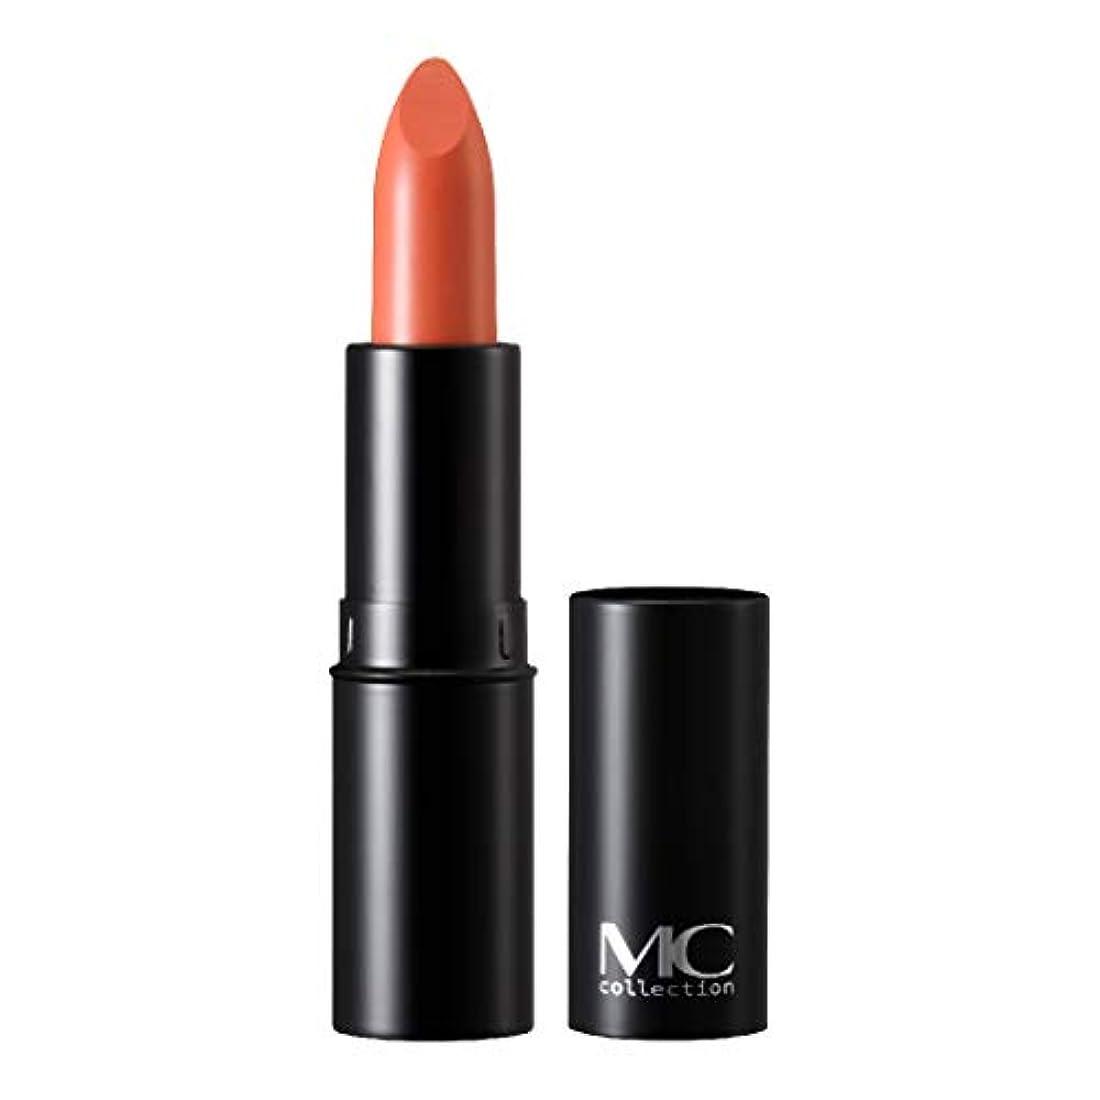 裸提供ものリップスティック クリーミーリップスティック LS101 オレンジ レフィル & ケース セット (口紅 ルージュ)【 MCコレクション 】